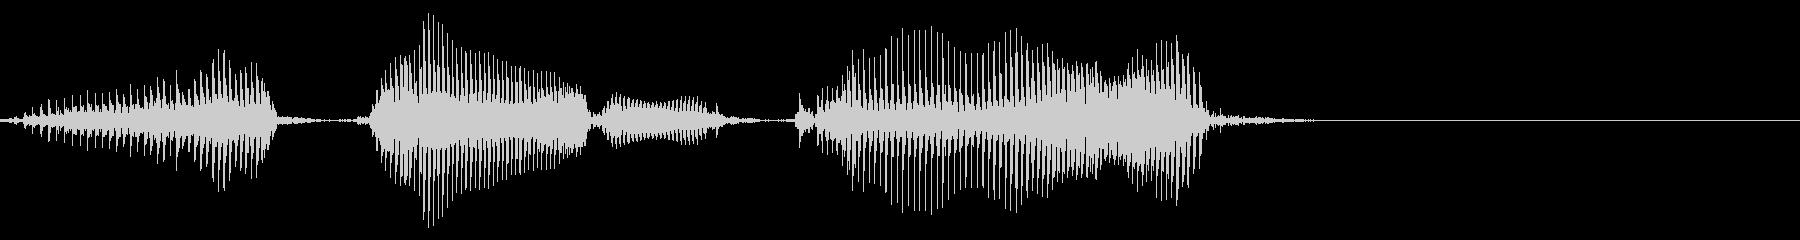 当たるかよ3(挑発的)の未再生の波形